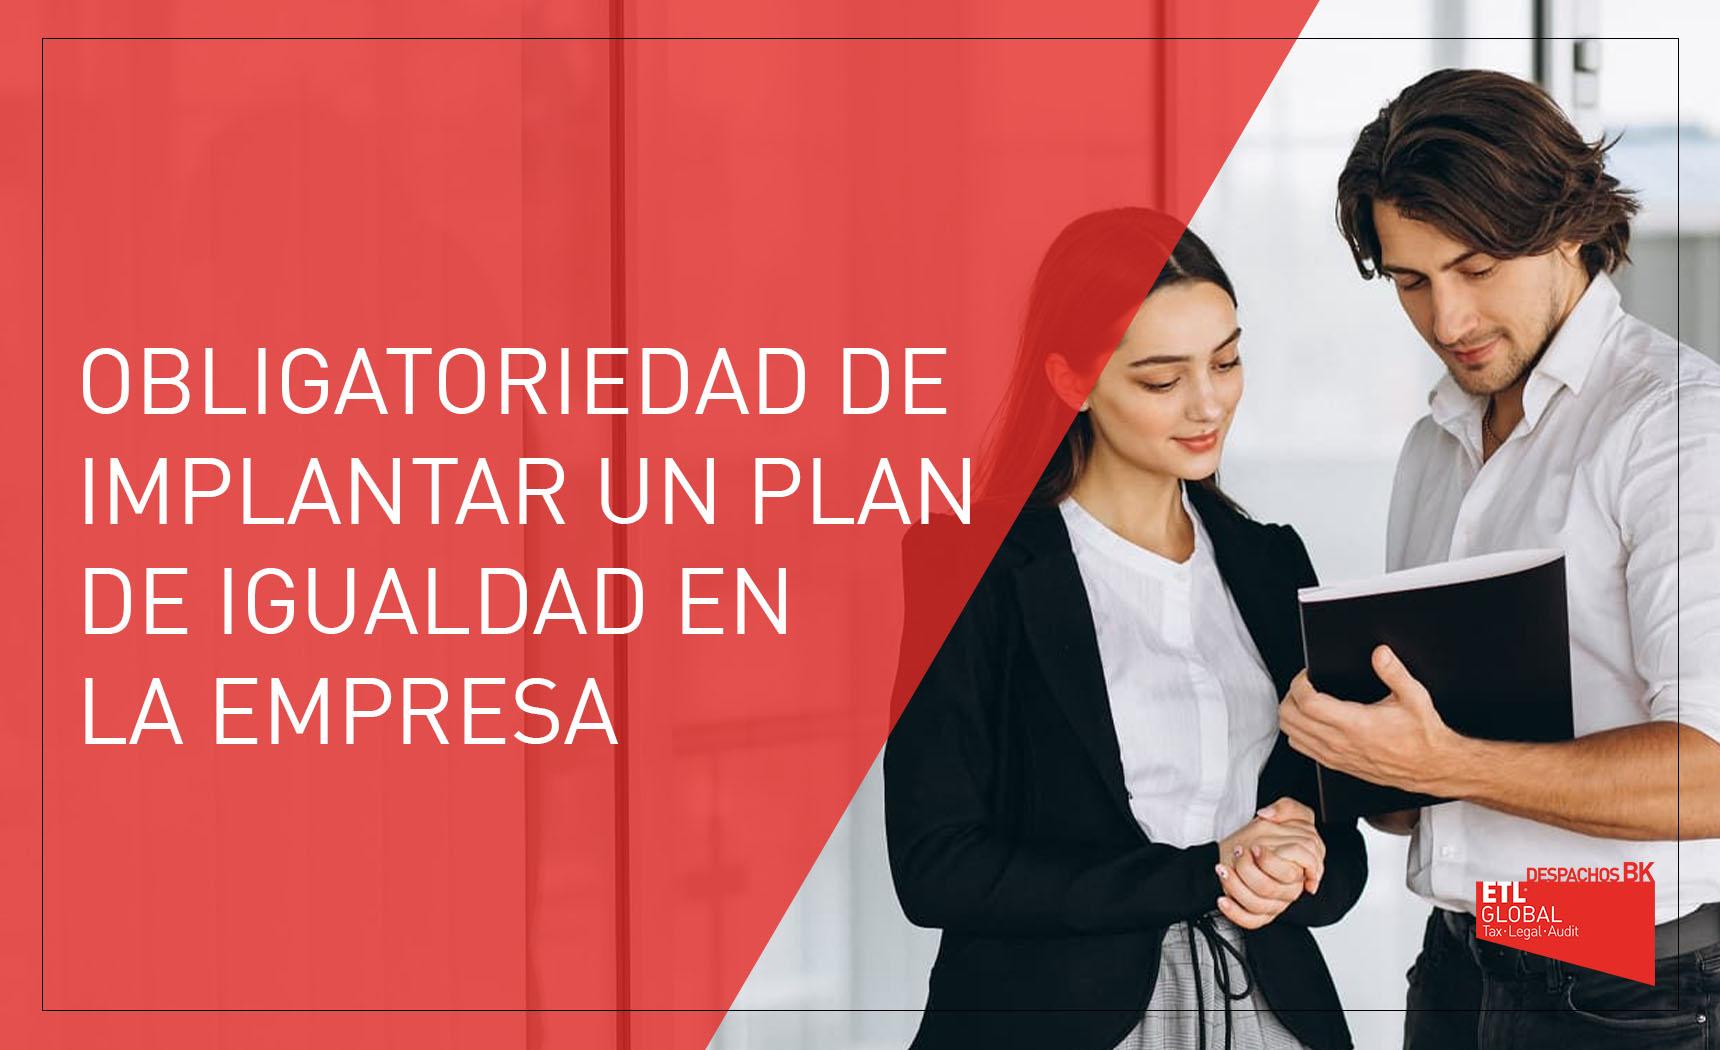 obligatoriedad plan de igualdad empresa